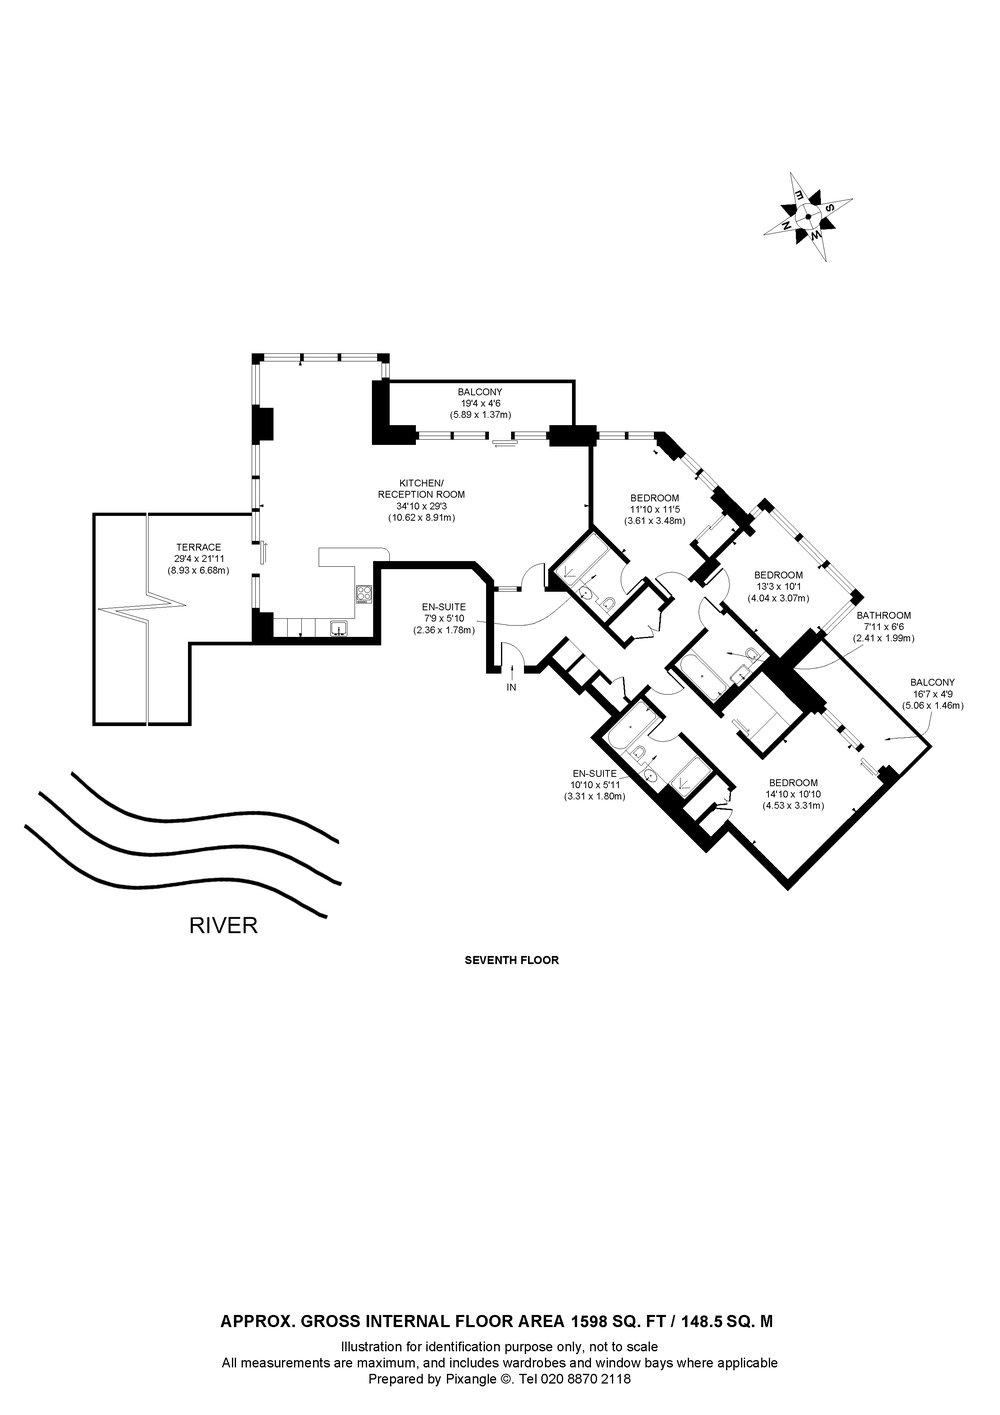 Riverside floor plan